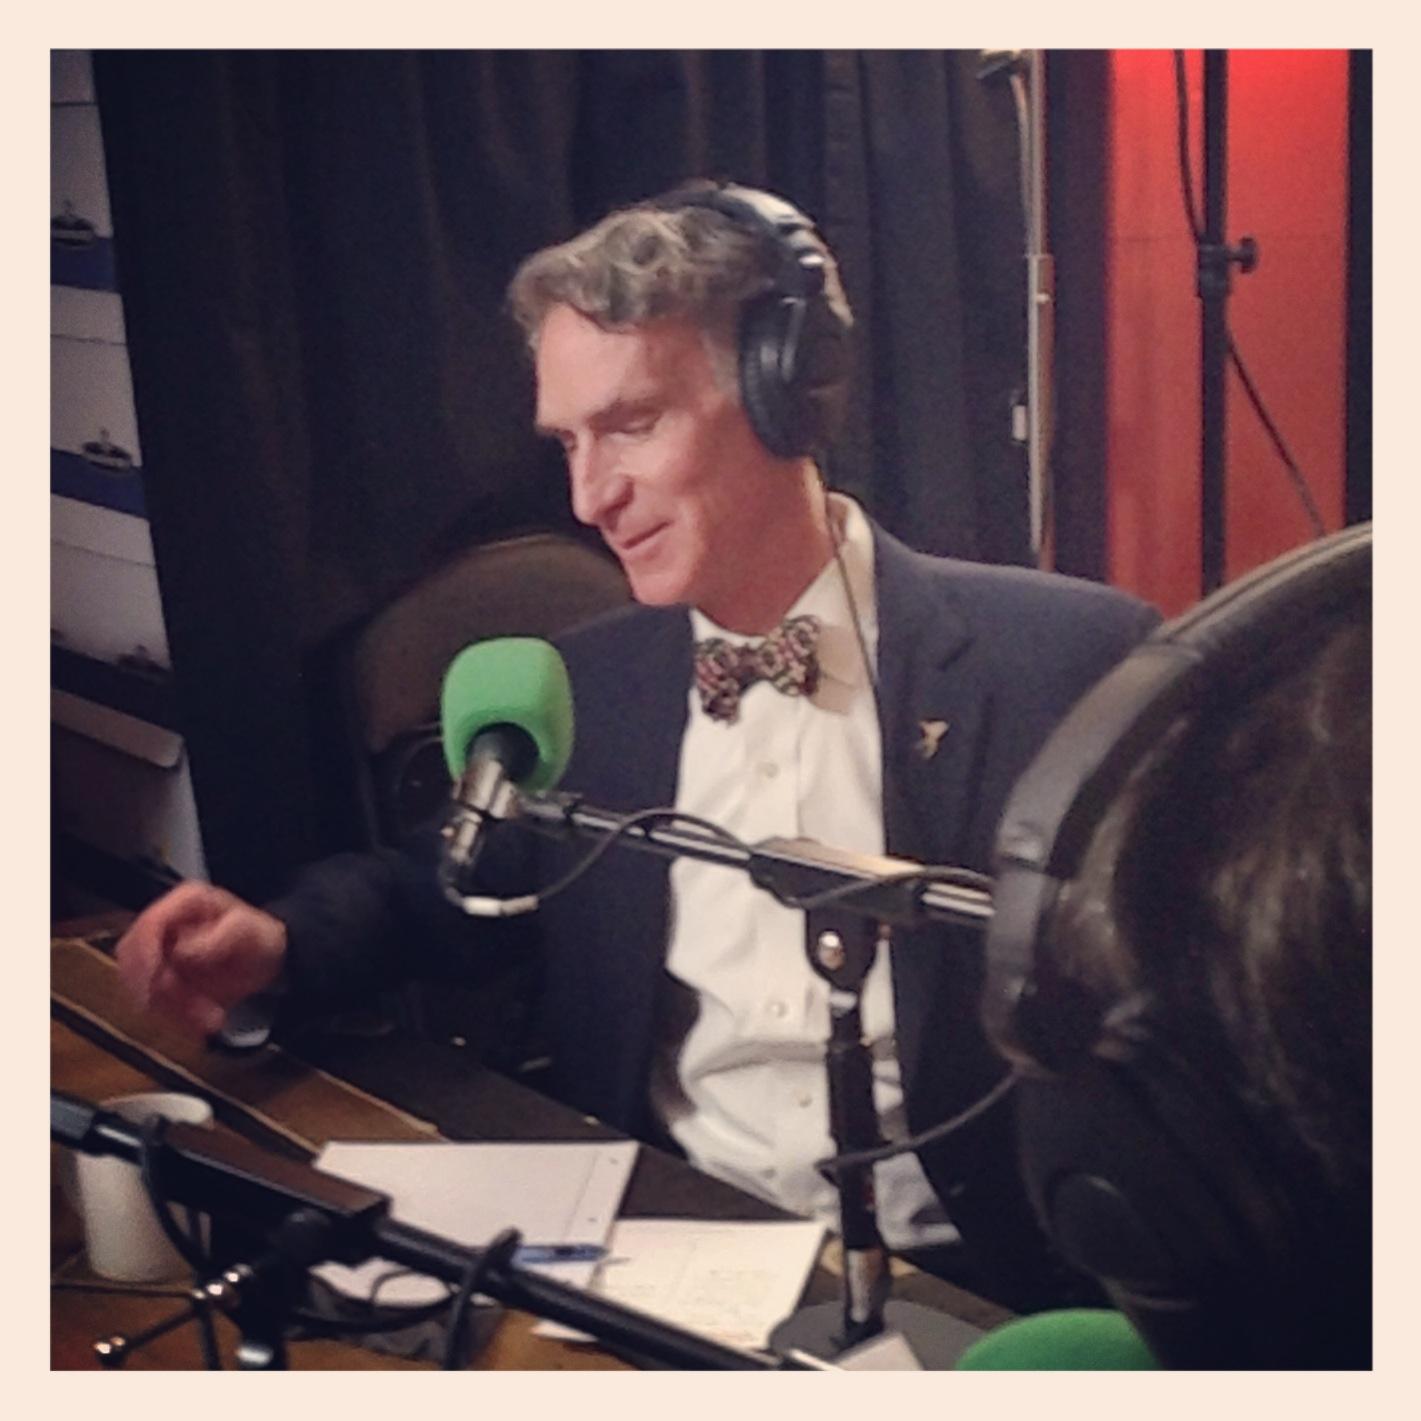 Bill Nye in studio_10-12-13_Credit-Laura-Berland.jpg